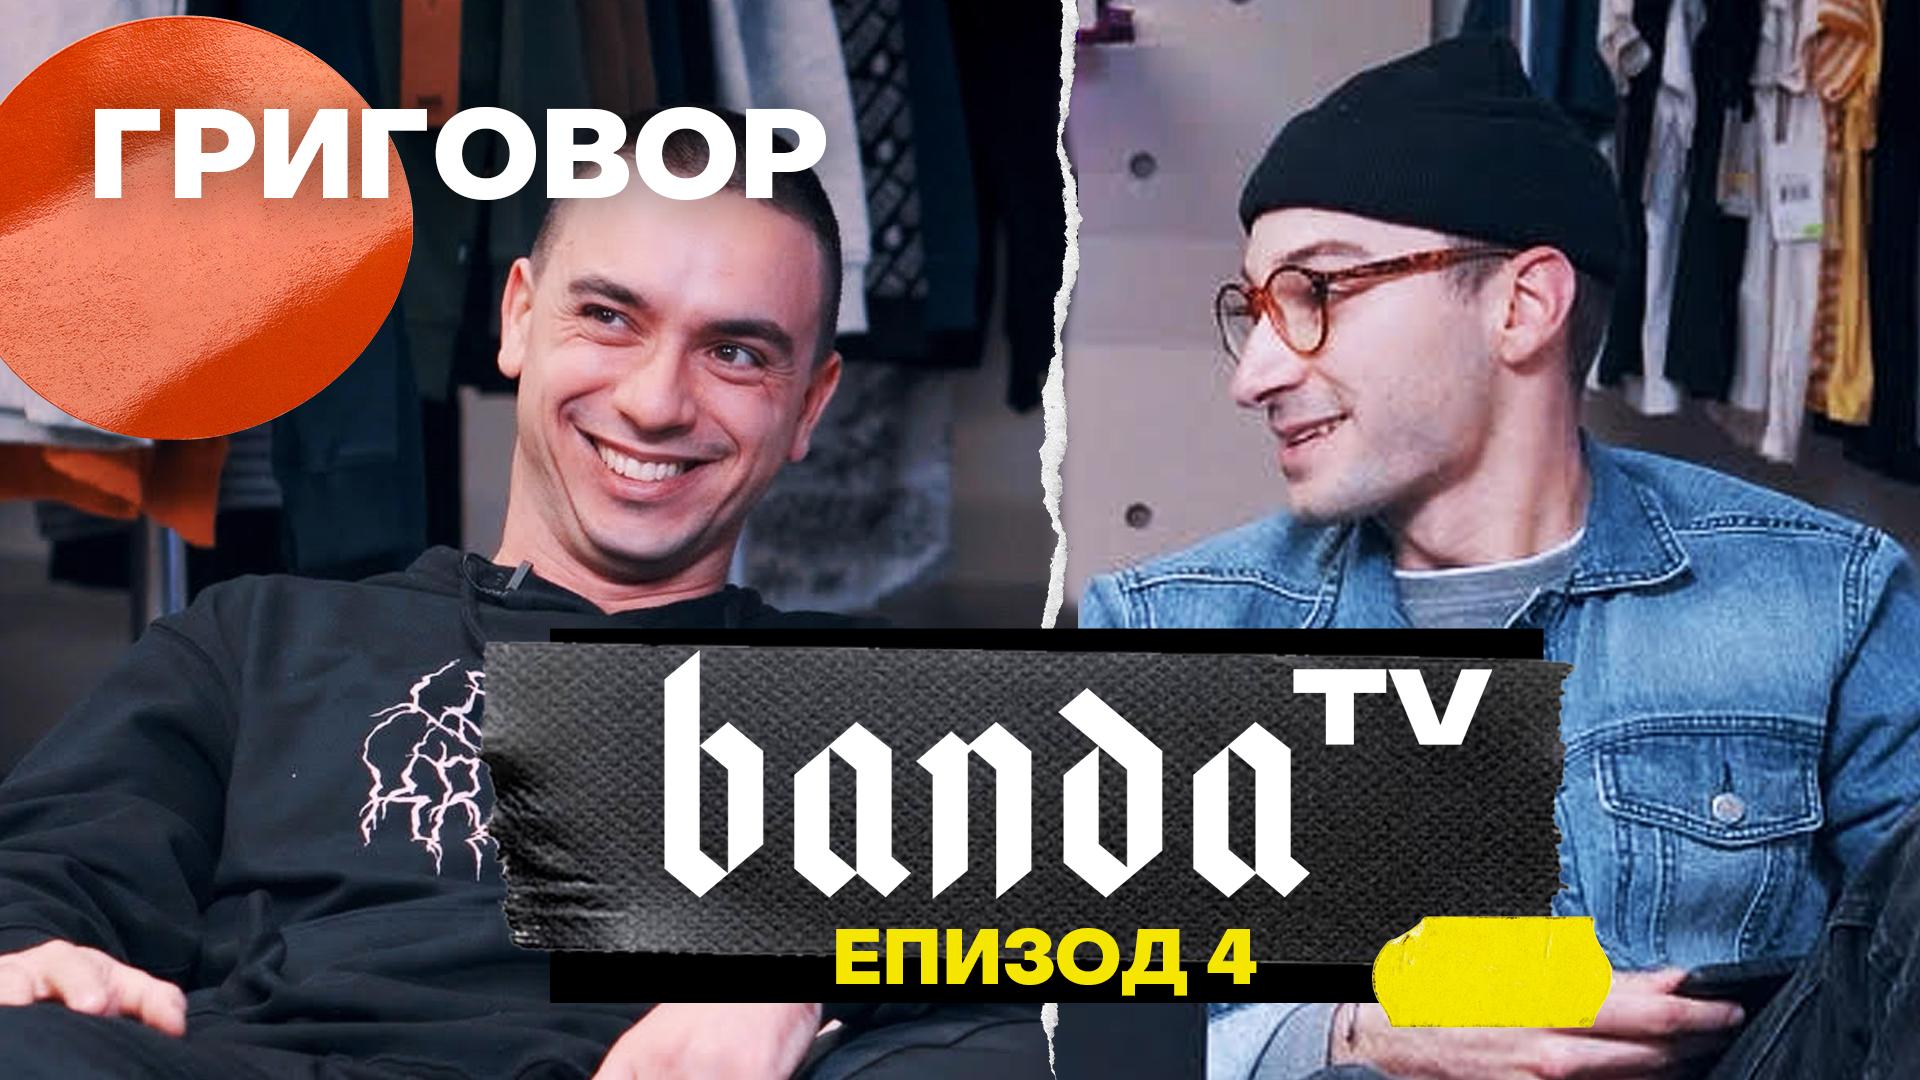 Banda TV - Епизод 4 с Григовор